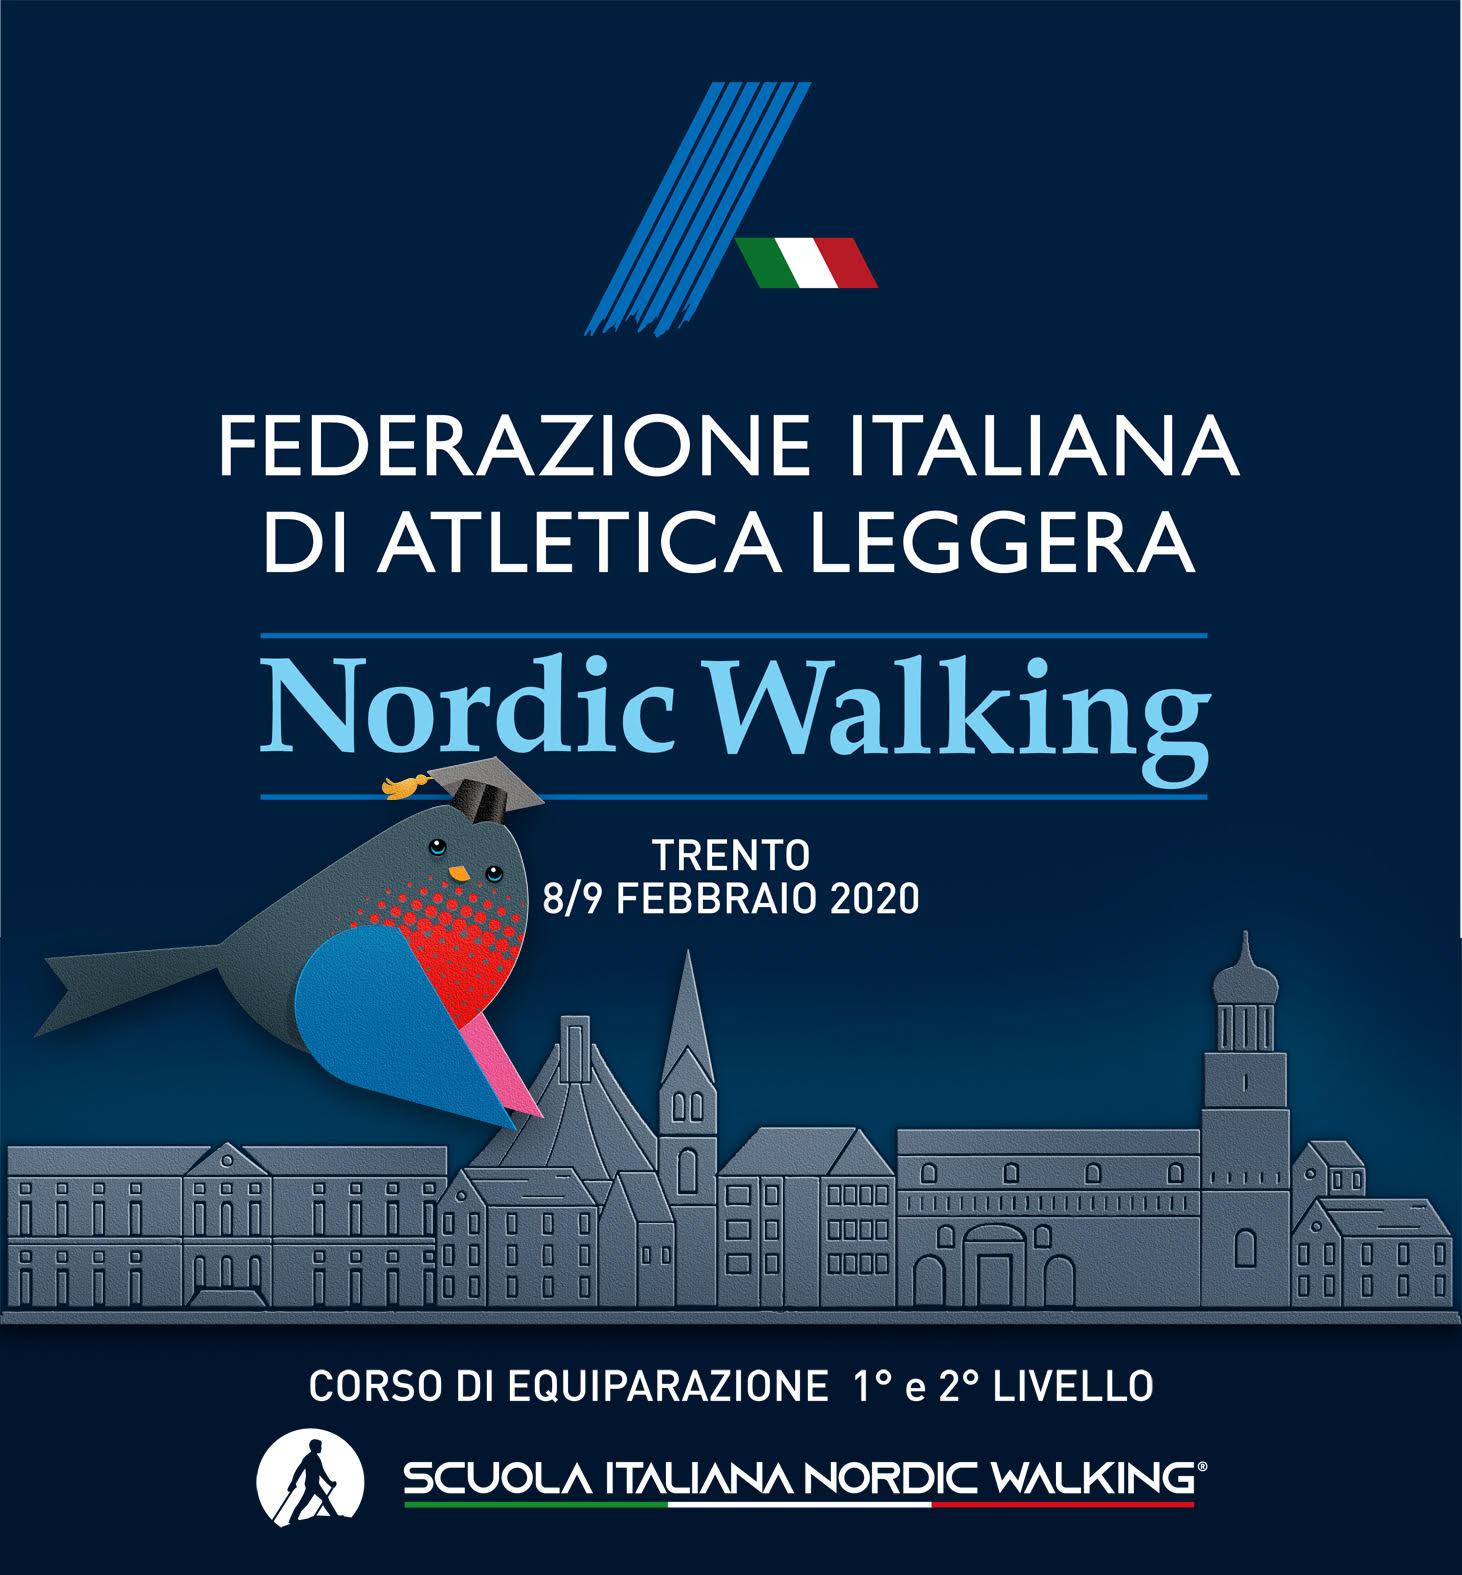 8 e 9 FEBBRAIO 2020: nuovo corso di equiparazione Fidal per istruttori federali di nordic walking